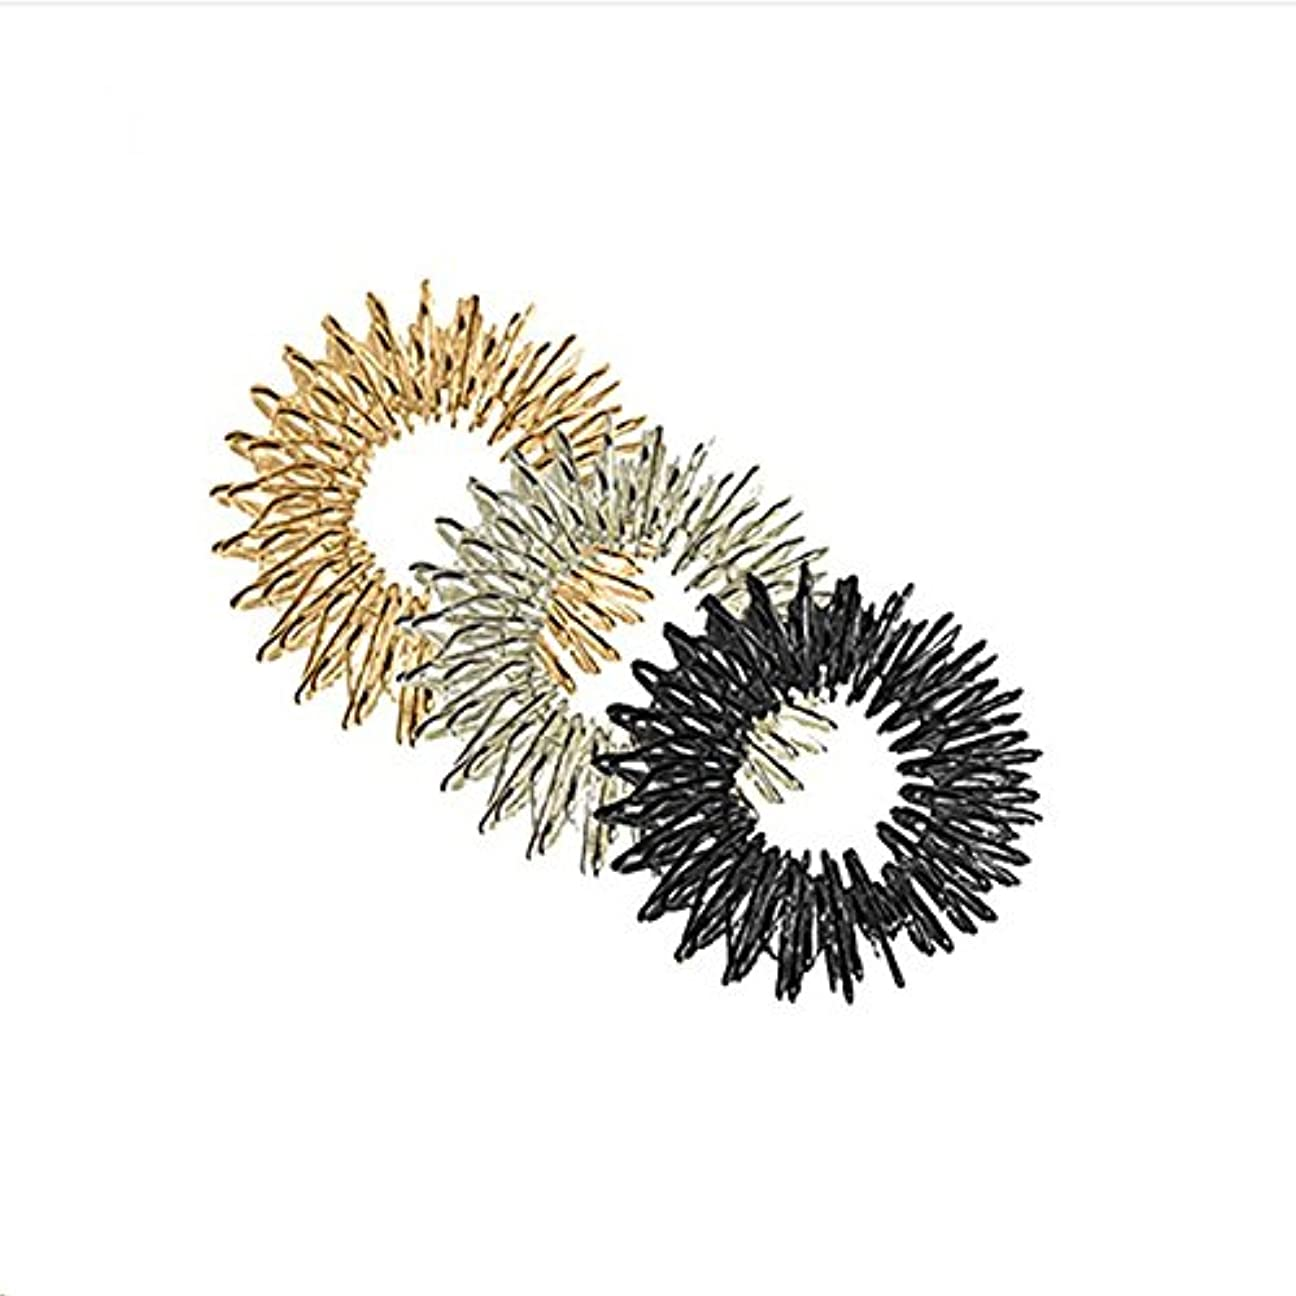 ROSENICE 指圧リングマッサージリング3本指圧マッサージリング(ゴールド+シルバー+ブラック)